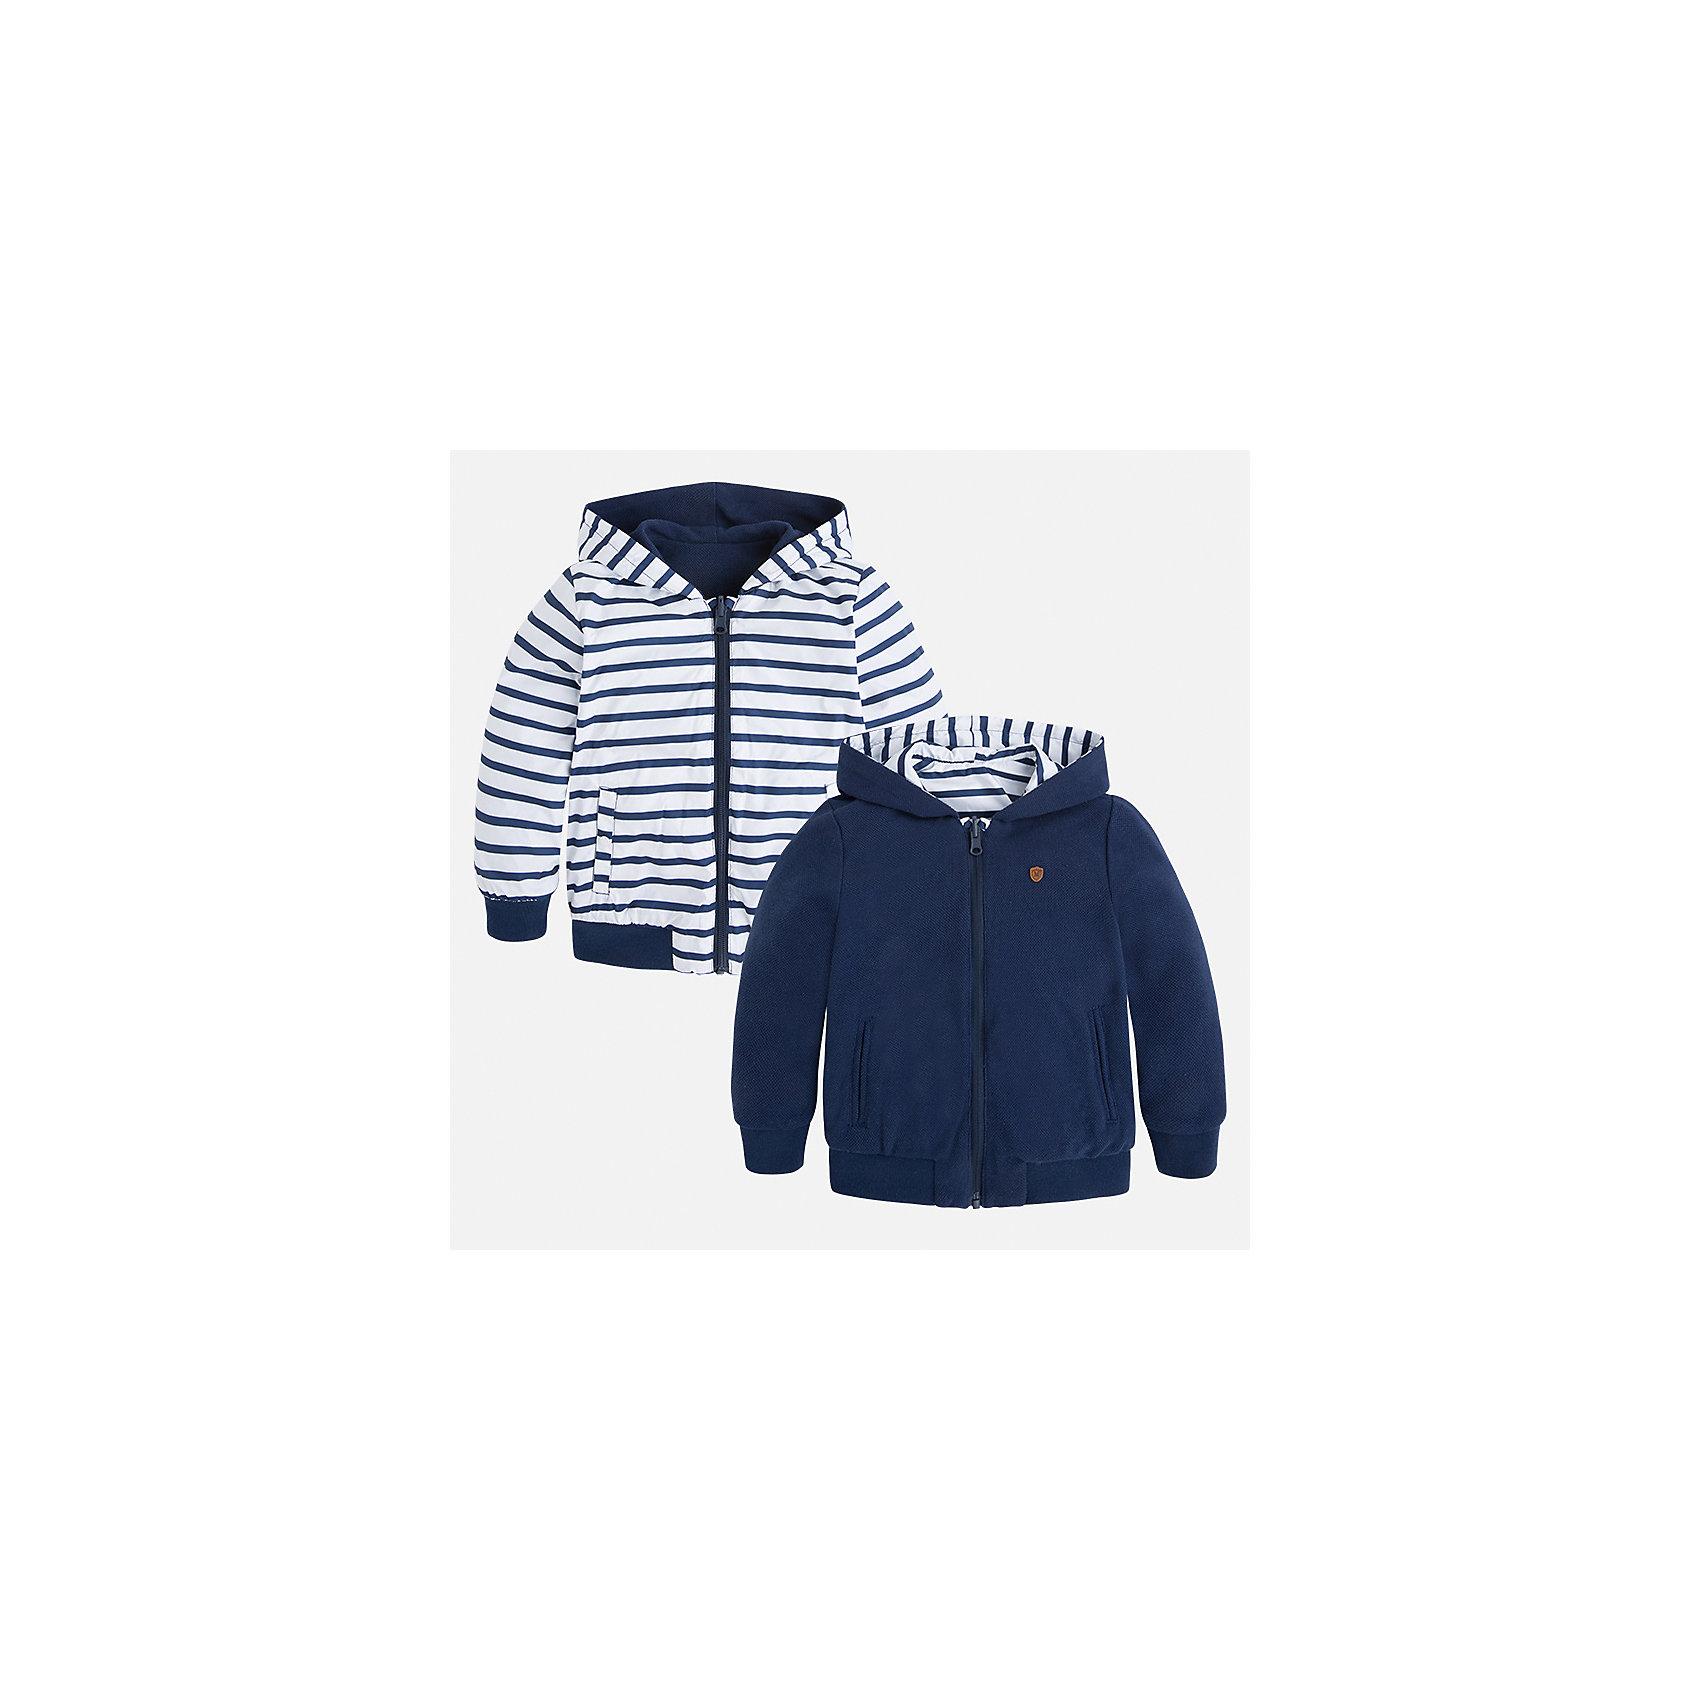 Куртка двухсторонняя для мальчика MayoralХарактеристики товара:<br><br>• цвет: белый/синий<br>• состав: 100% полиэстер, подкладка - 60% хлопок, 40% полиэстер<br>• температурный режим: от +15°до +5°С<br>• двусторонняя<br>• карманы<br>• молния<br>• капюшон<br>• страна бренда: Испания<br><br>Легкая куртка для мальчика поможет разнообразить гардероб ребенка и обеспечить тепло в прохладную погоду. Эта ветровка - два в одном: стоит её вывернуть - и появляется еще одна курточка другой расцветки. Она отлично сочетается и с джинсами, и с брюками. Универсальный цвет позволяет подобрать к вещи низ различных расцветок. Интересная отделка модели делает её нарядной и оригинальной. <br><br>Одежда, обувь и аксессуары от испанского бренда Mayoral полюбились детям и взрослым по всему миру. Модели этой марки - стильные и удобные. Для их производства используются только безопасные, качественные материалы и фурнитура. Порадуйте ребенка модными и красивыми вещами от Mayoral! <br><br>Куртку для мальчика от испанского бренда Mayoral (Майорал) можно купить в нашем интернет-магазине.<br><br>Ширина мм: 356<br>Глубина мм: 10<br>Высота мм: 245<br>Вес г: 519<br>Цвет: синий<br>Возраст от месяцев: 48<br>Возраст до месяцев: 60<br>Пол: Мужской<br>Возраст: Детский<br>Размер: 110,122,98,92,116,128,104,134<br>SKU: 5280549